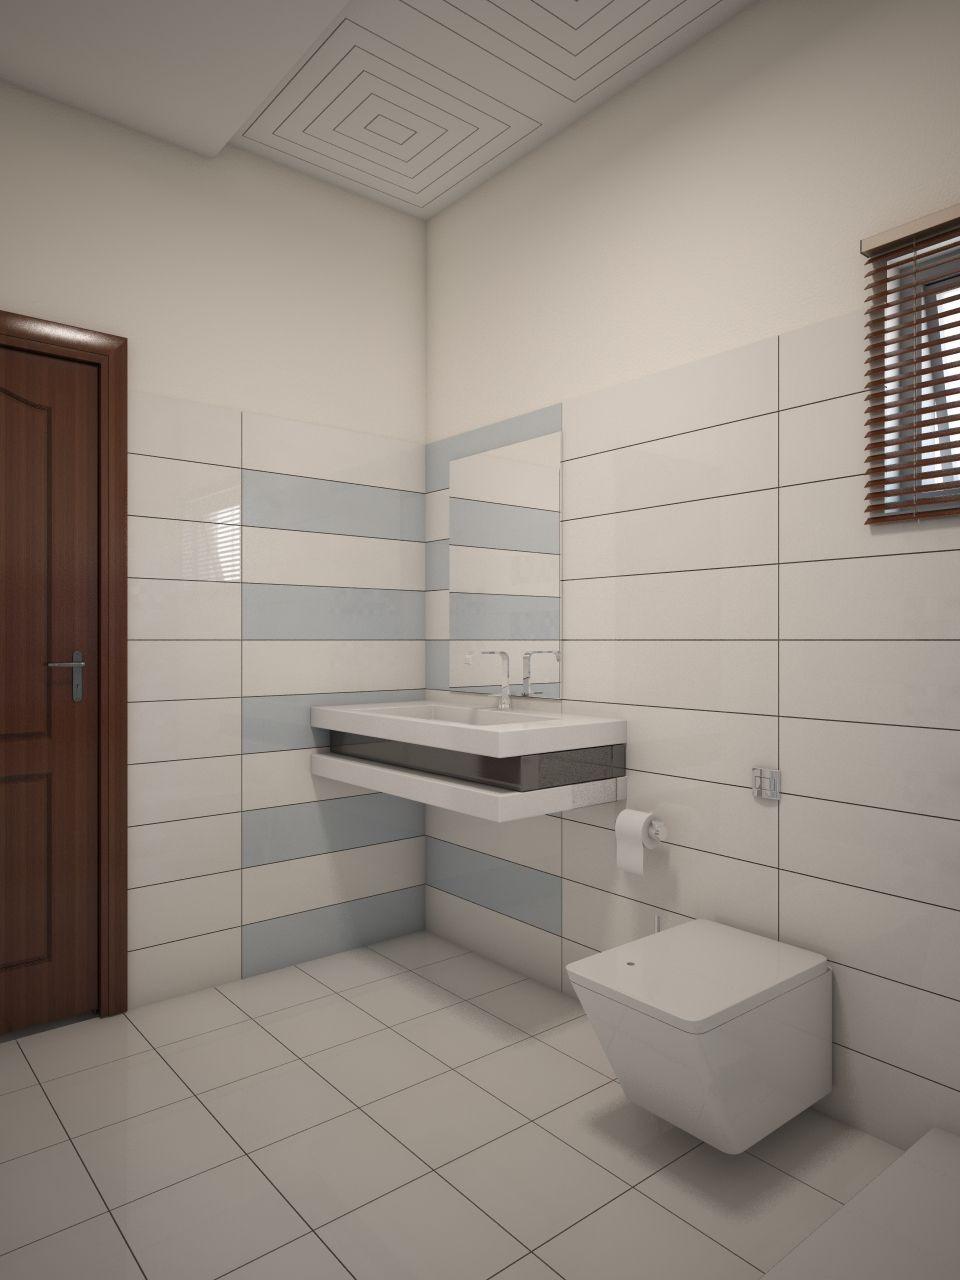 3d Interior Design Ideas For Bathroom By Team Aaa Bathroom